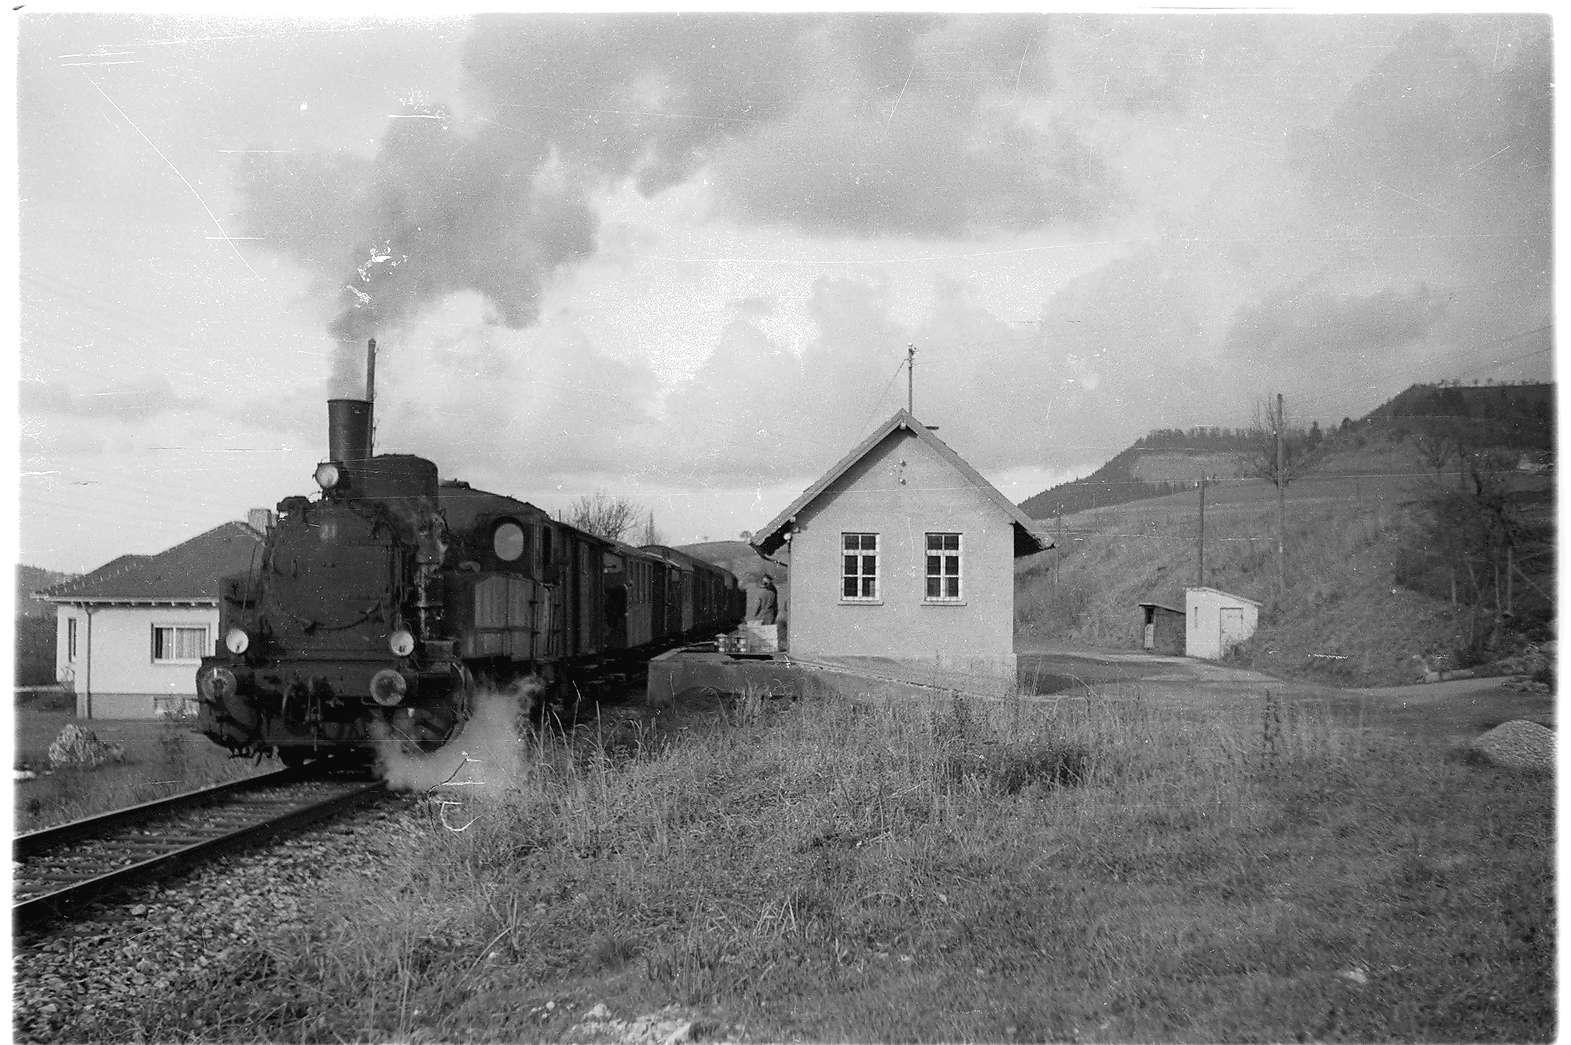 Bahnhofsgebäude Killer, erbaut 1901, seit 1993 Deutsches Peitschenmuseum, Bild 1